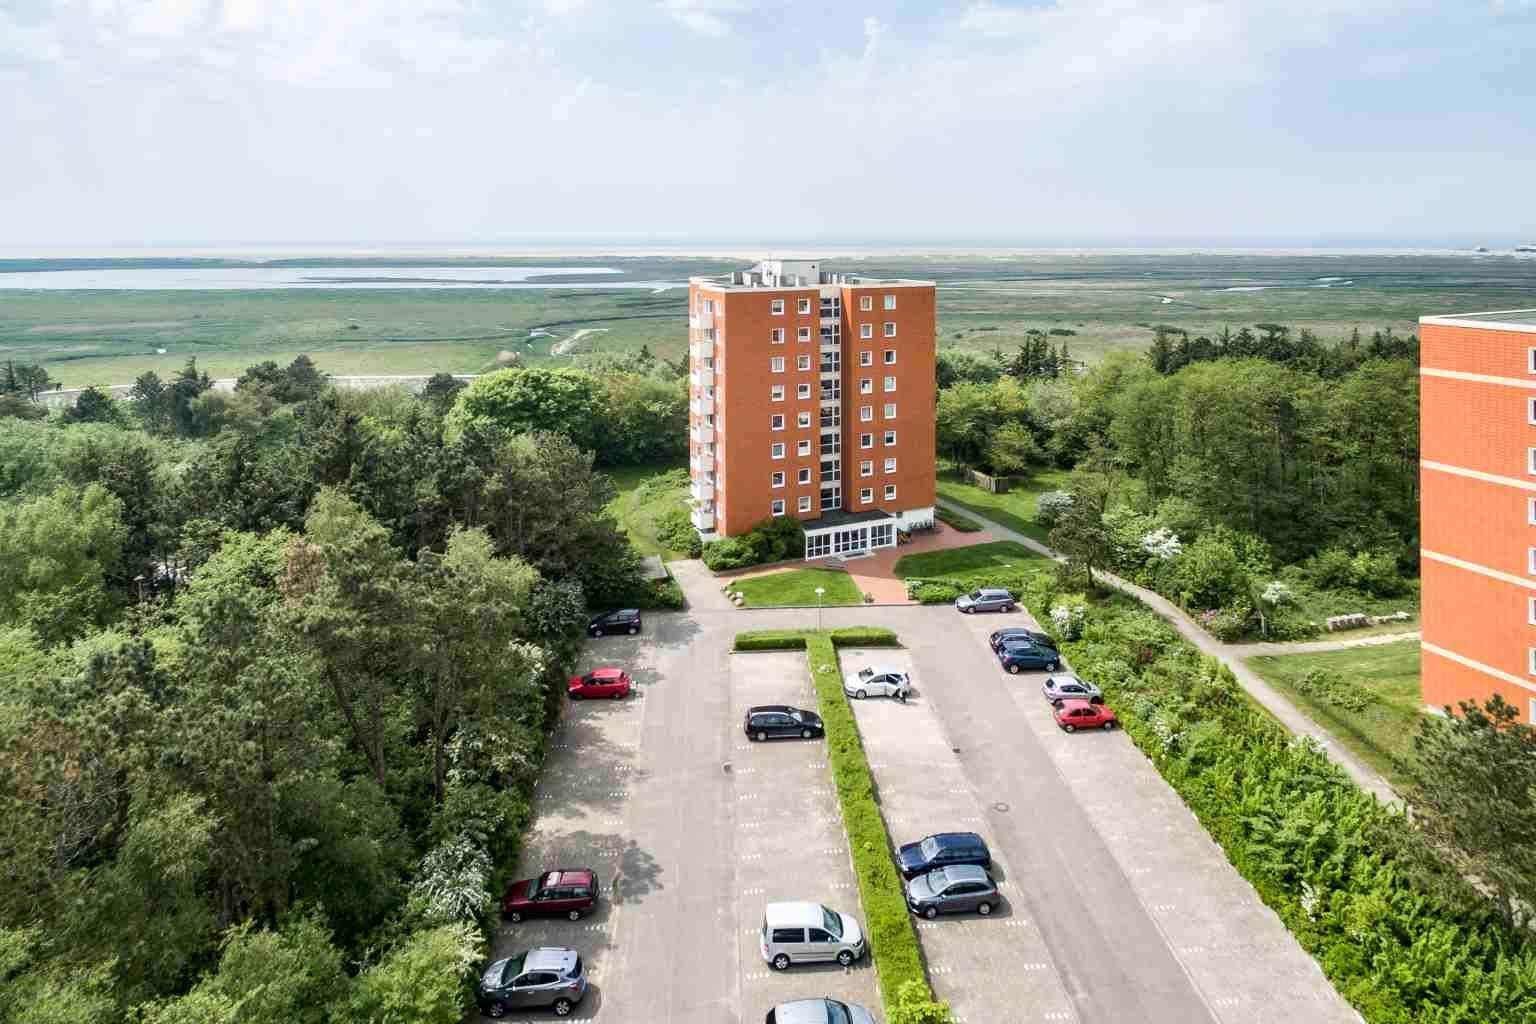 Aussenansicht mit Meerespanorama - St Peter Ording Bad, Haus Fritz Wischer Strasse 5, Wohnung 6